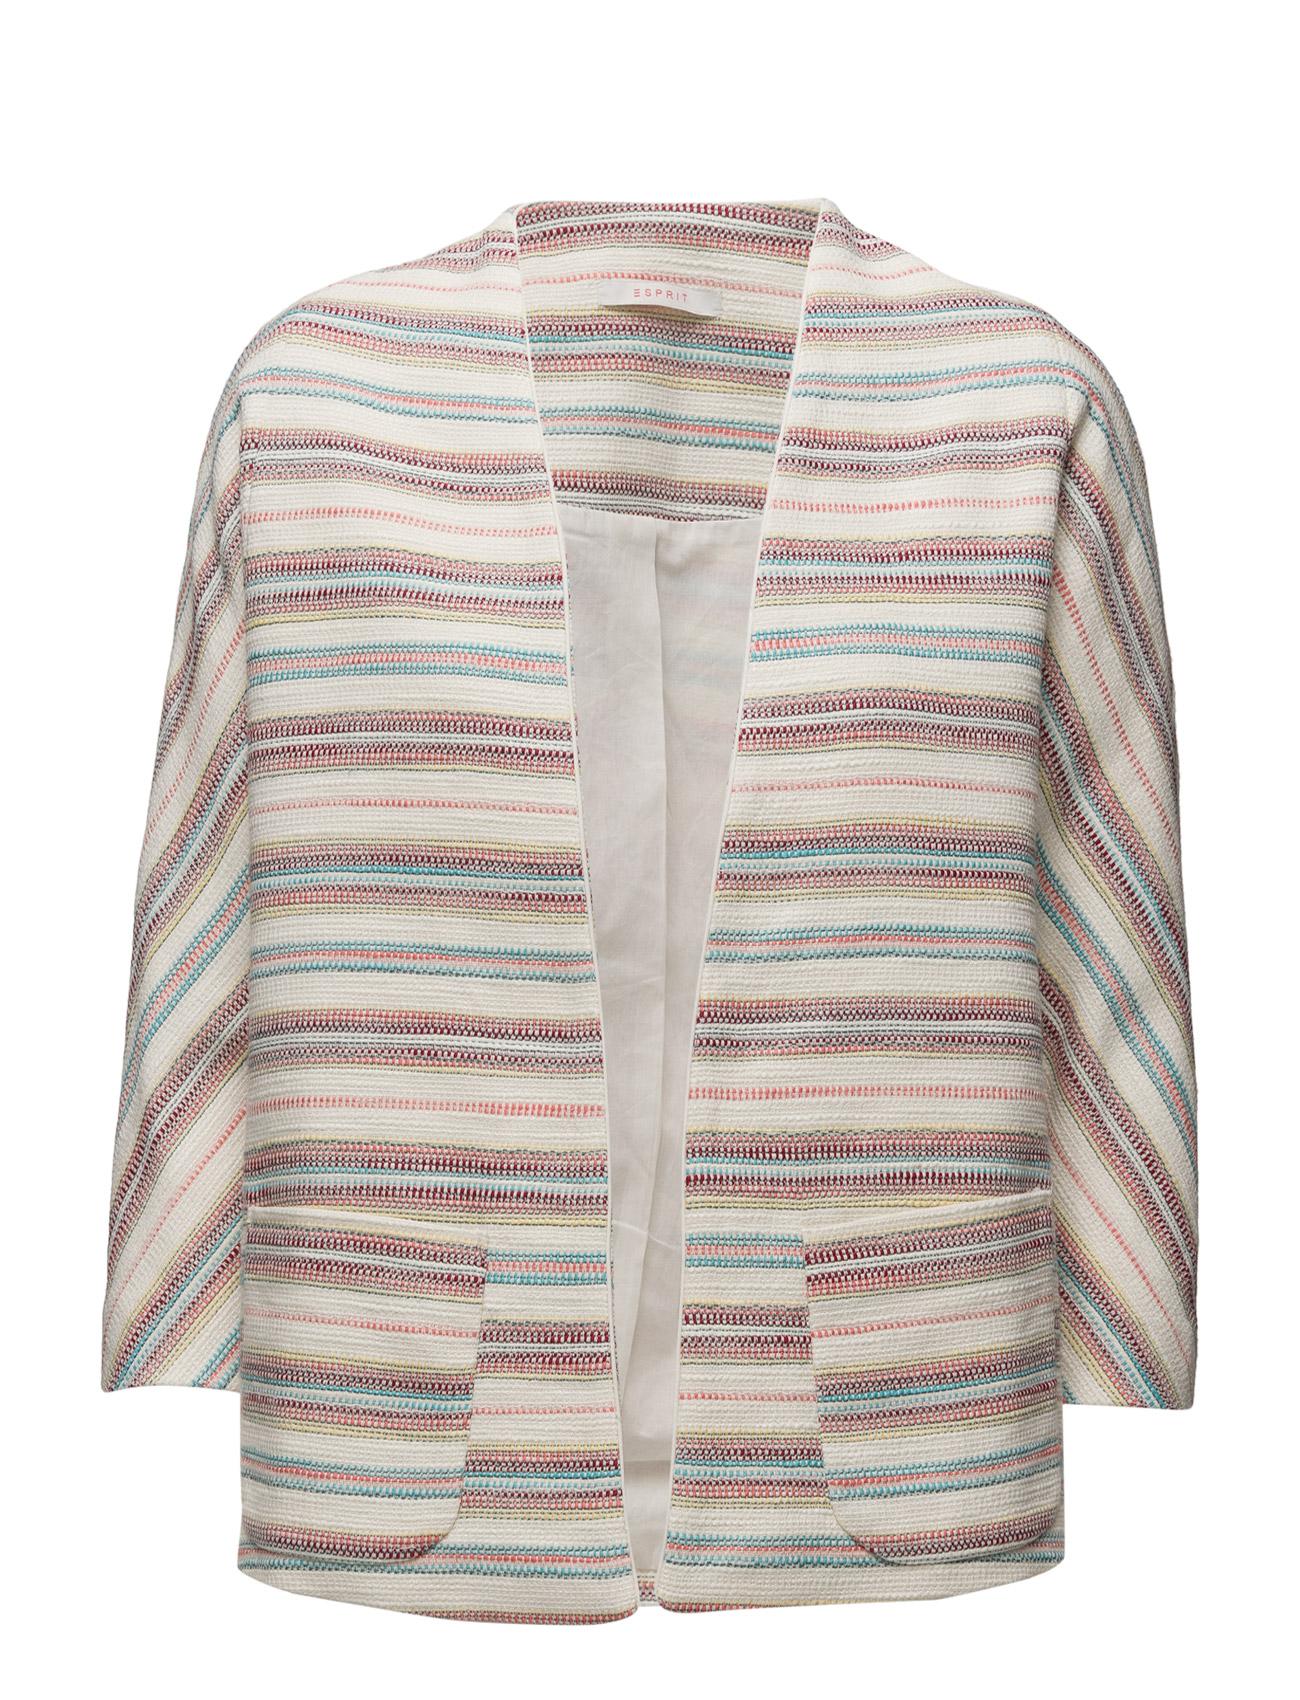 Jackets Indoor Woven Esprit Casual Jakker til Kvinder i Off White